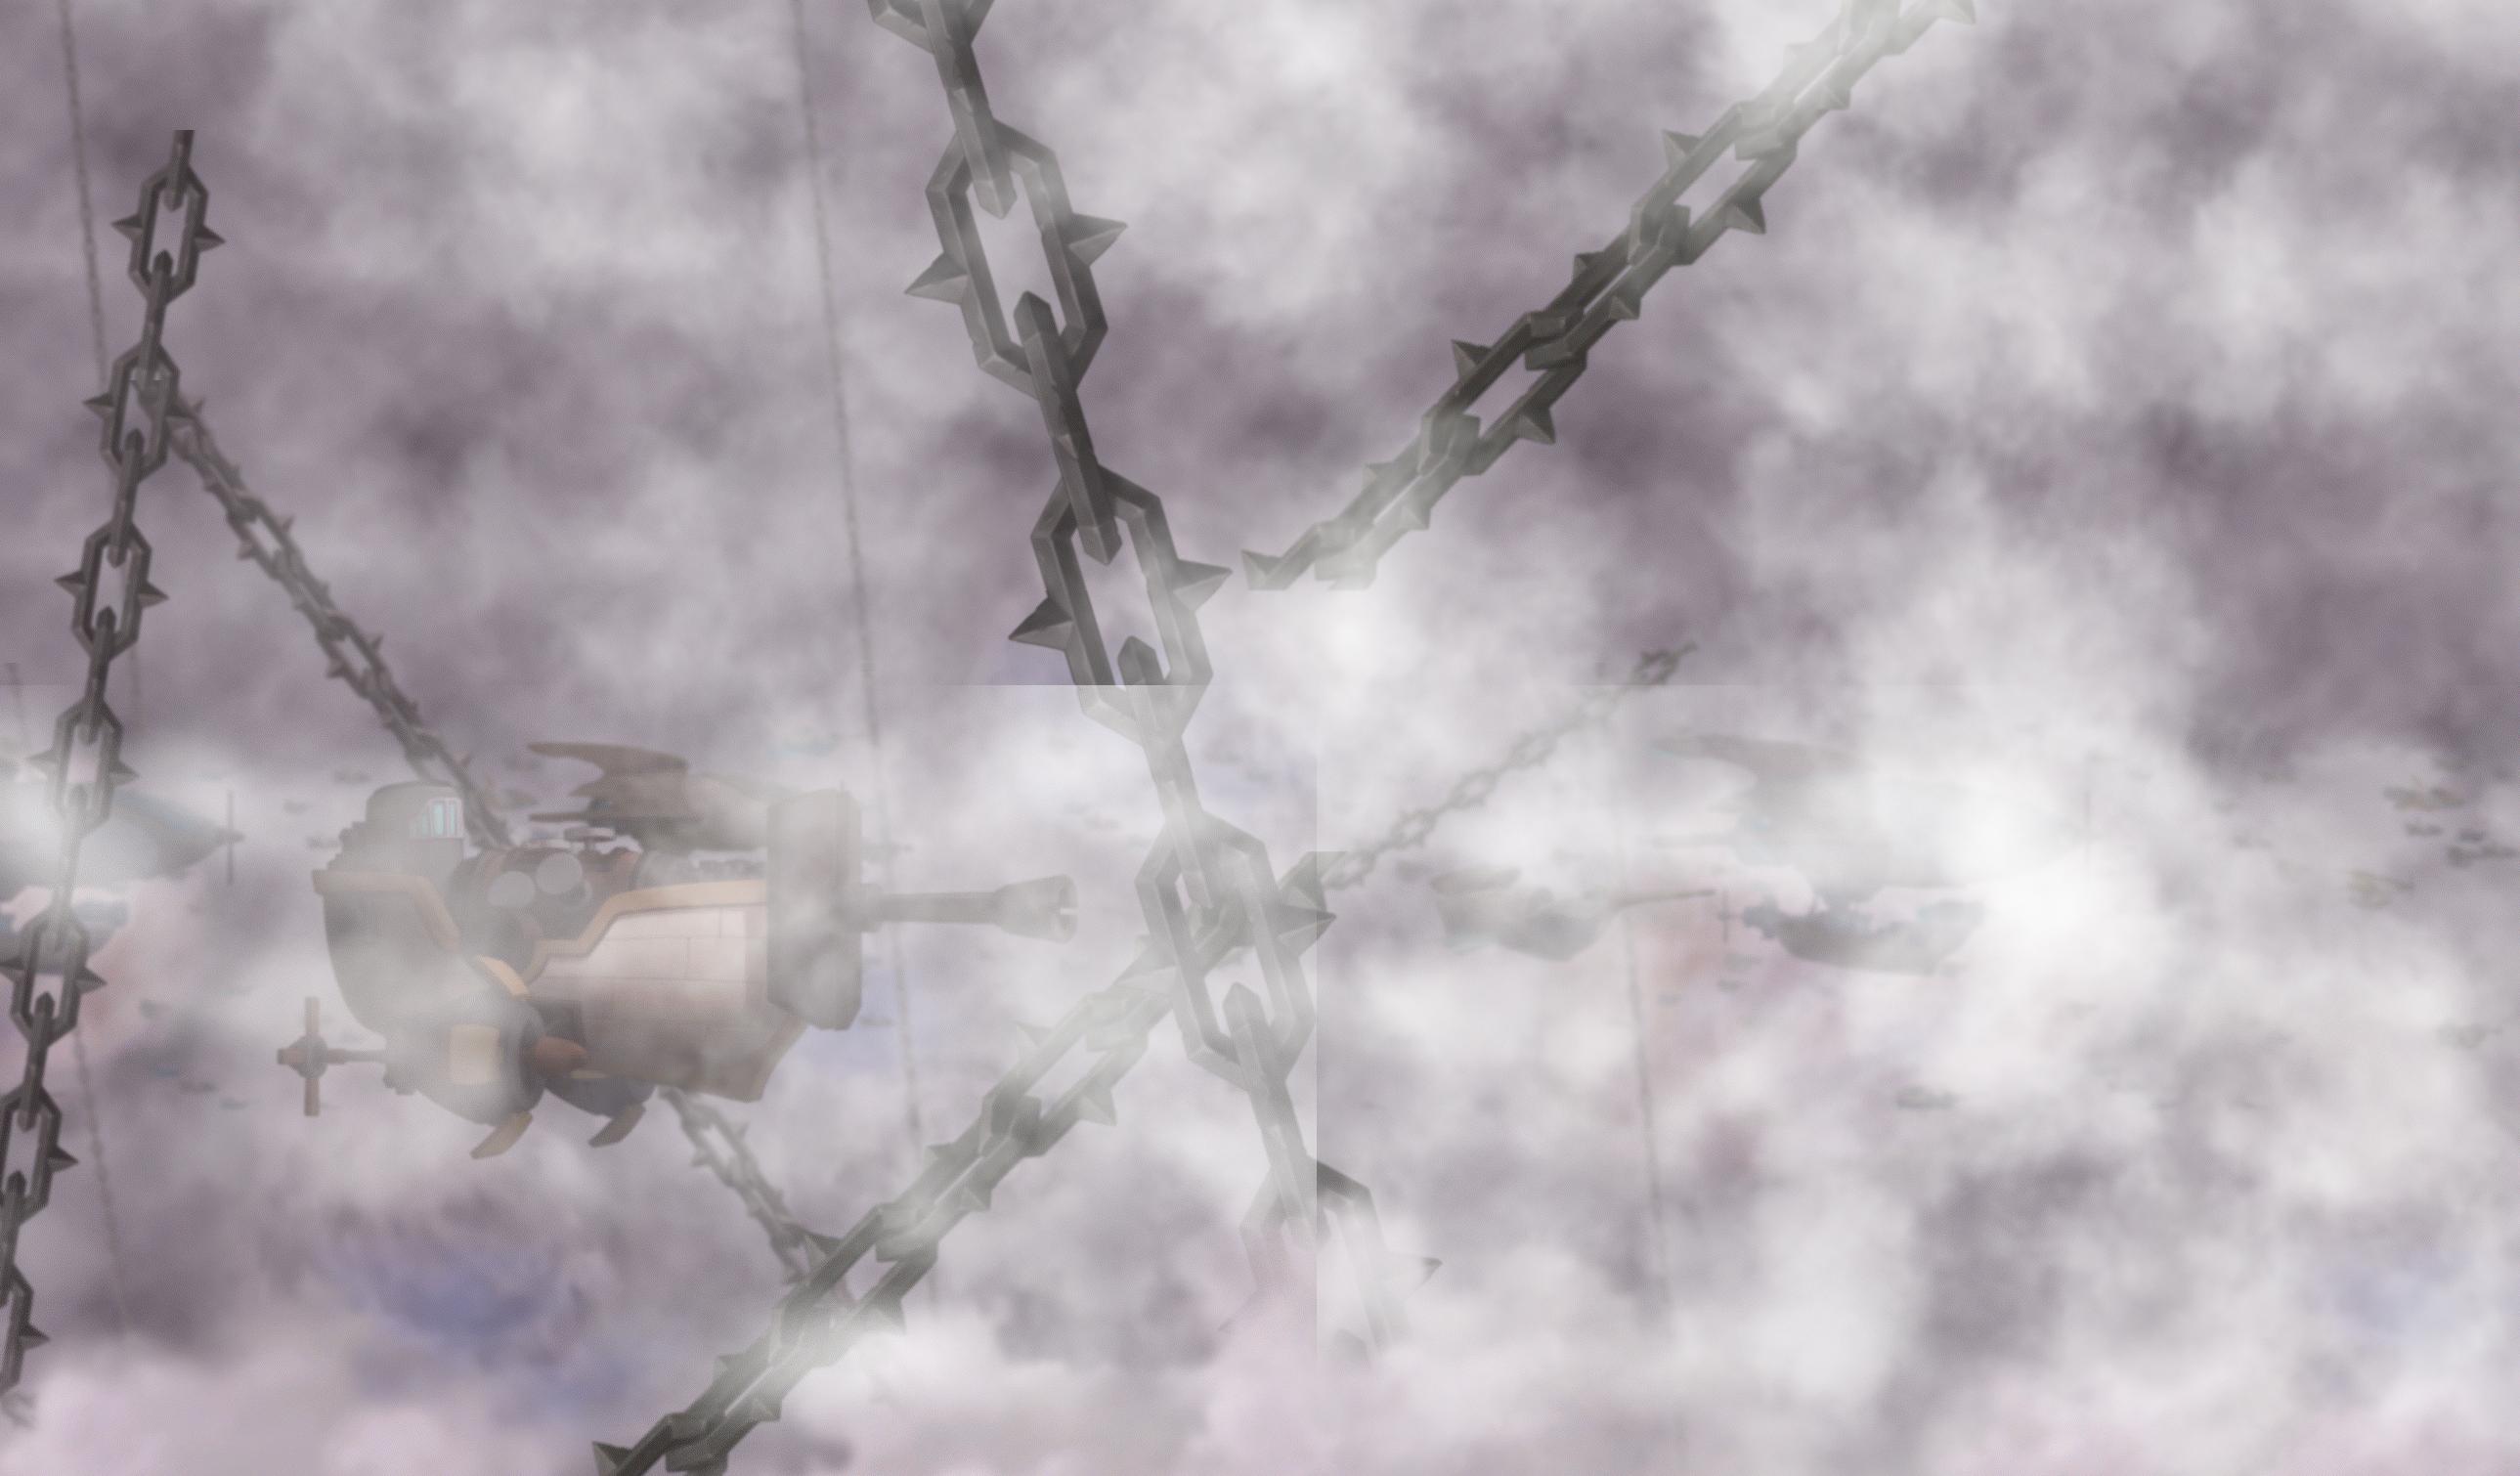 Mysterious Fog Skyline